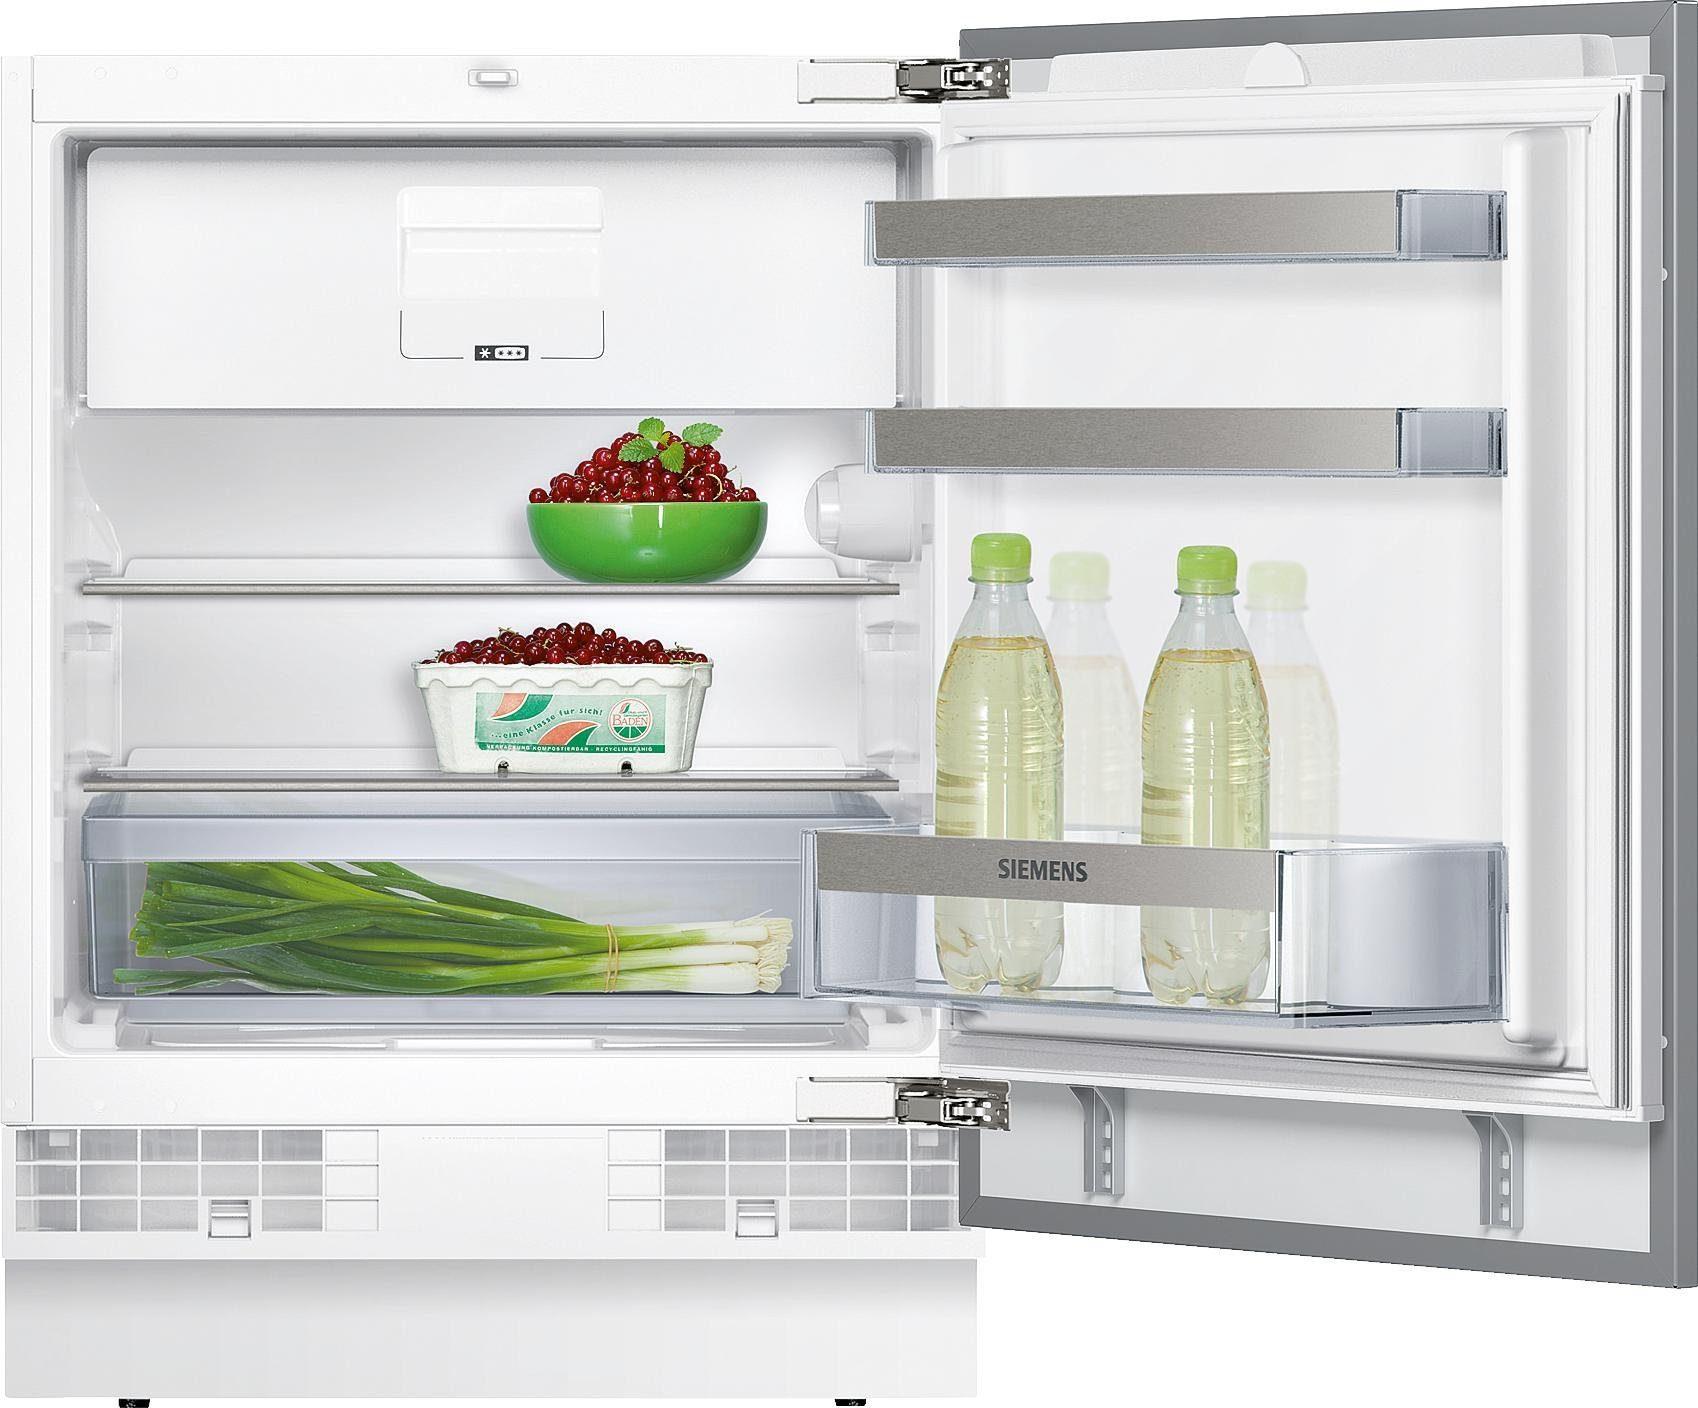 Siemens integrierter Unterbau-Kühlschrank KU15LSX60, A++, 82 cm hoch